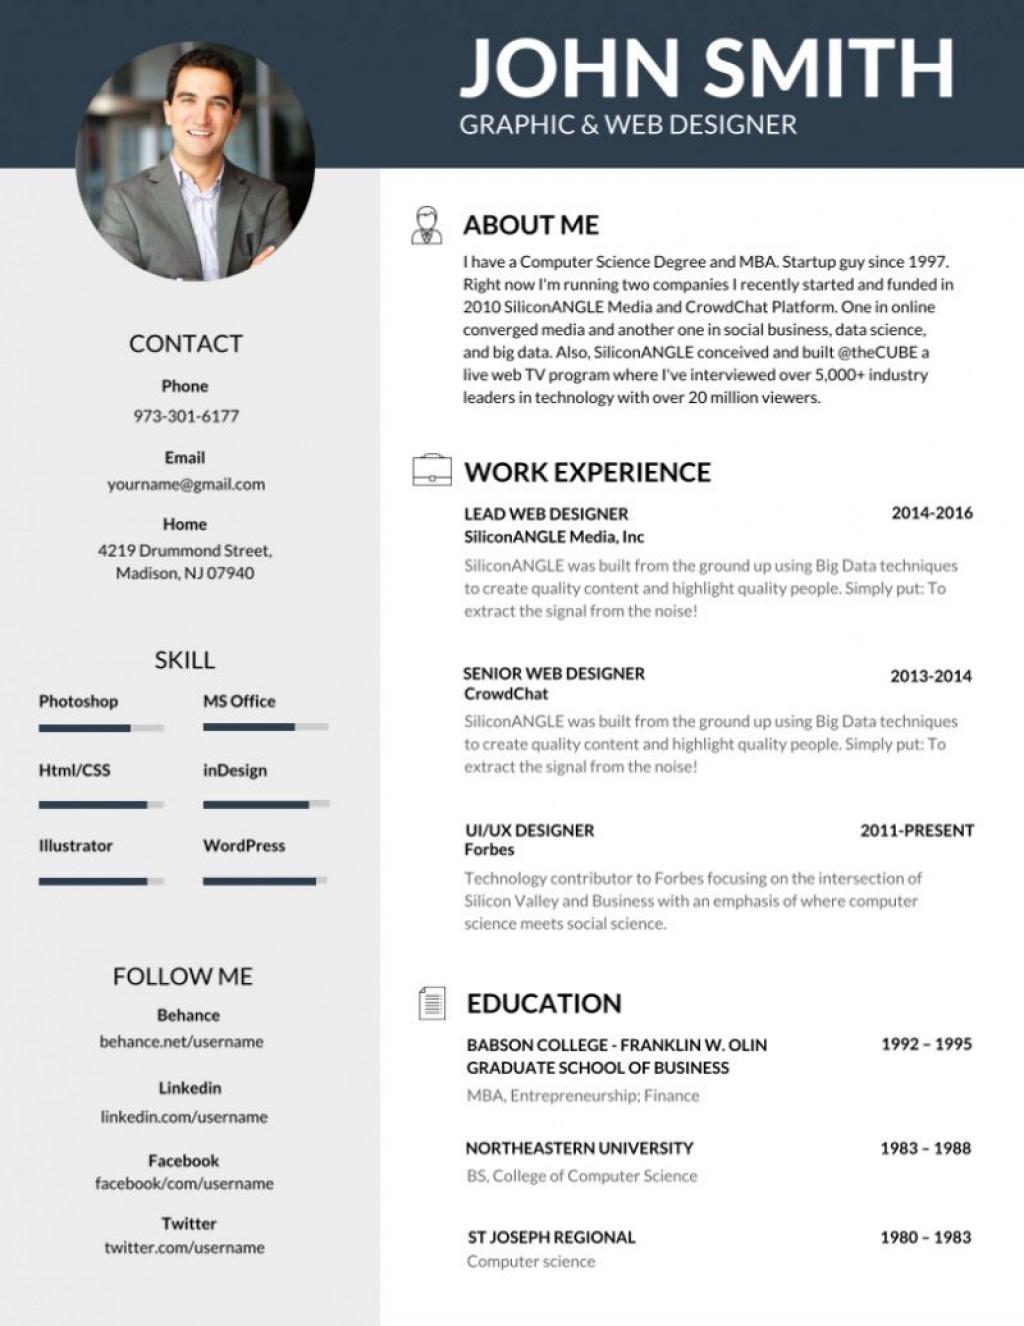 000 Striking Best Professional Resume Template Highest Quality  Reddit 2020 DownloadLarge